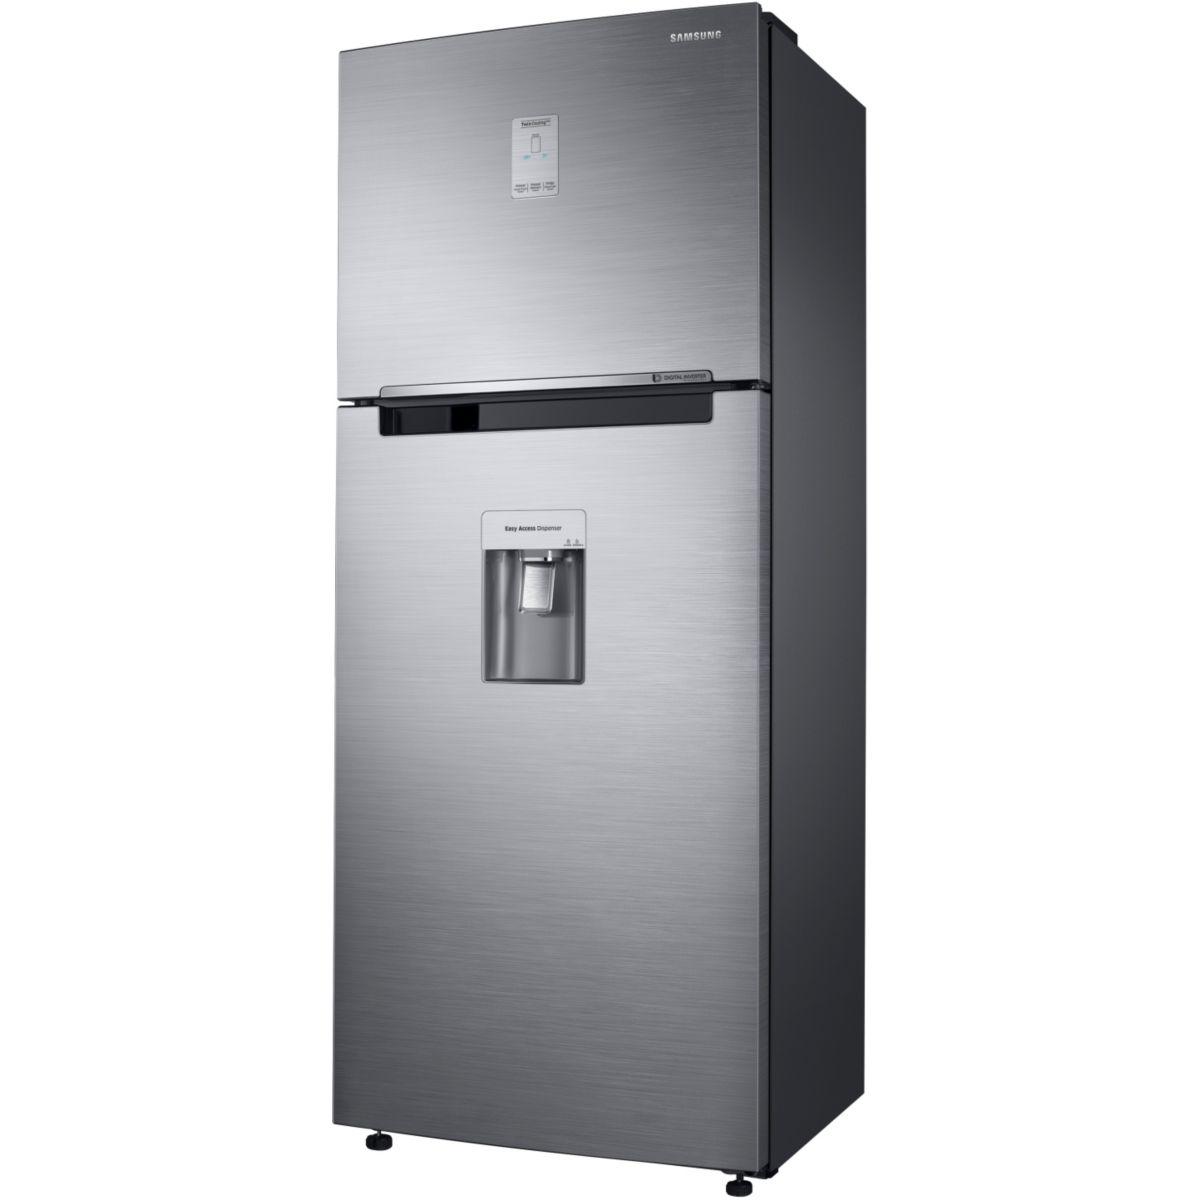 Samsung rt46k6600s9 r frig rateur combin comparer - Comparateur de prix refrigerateur ...